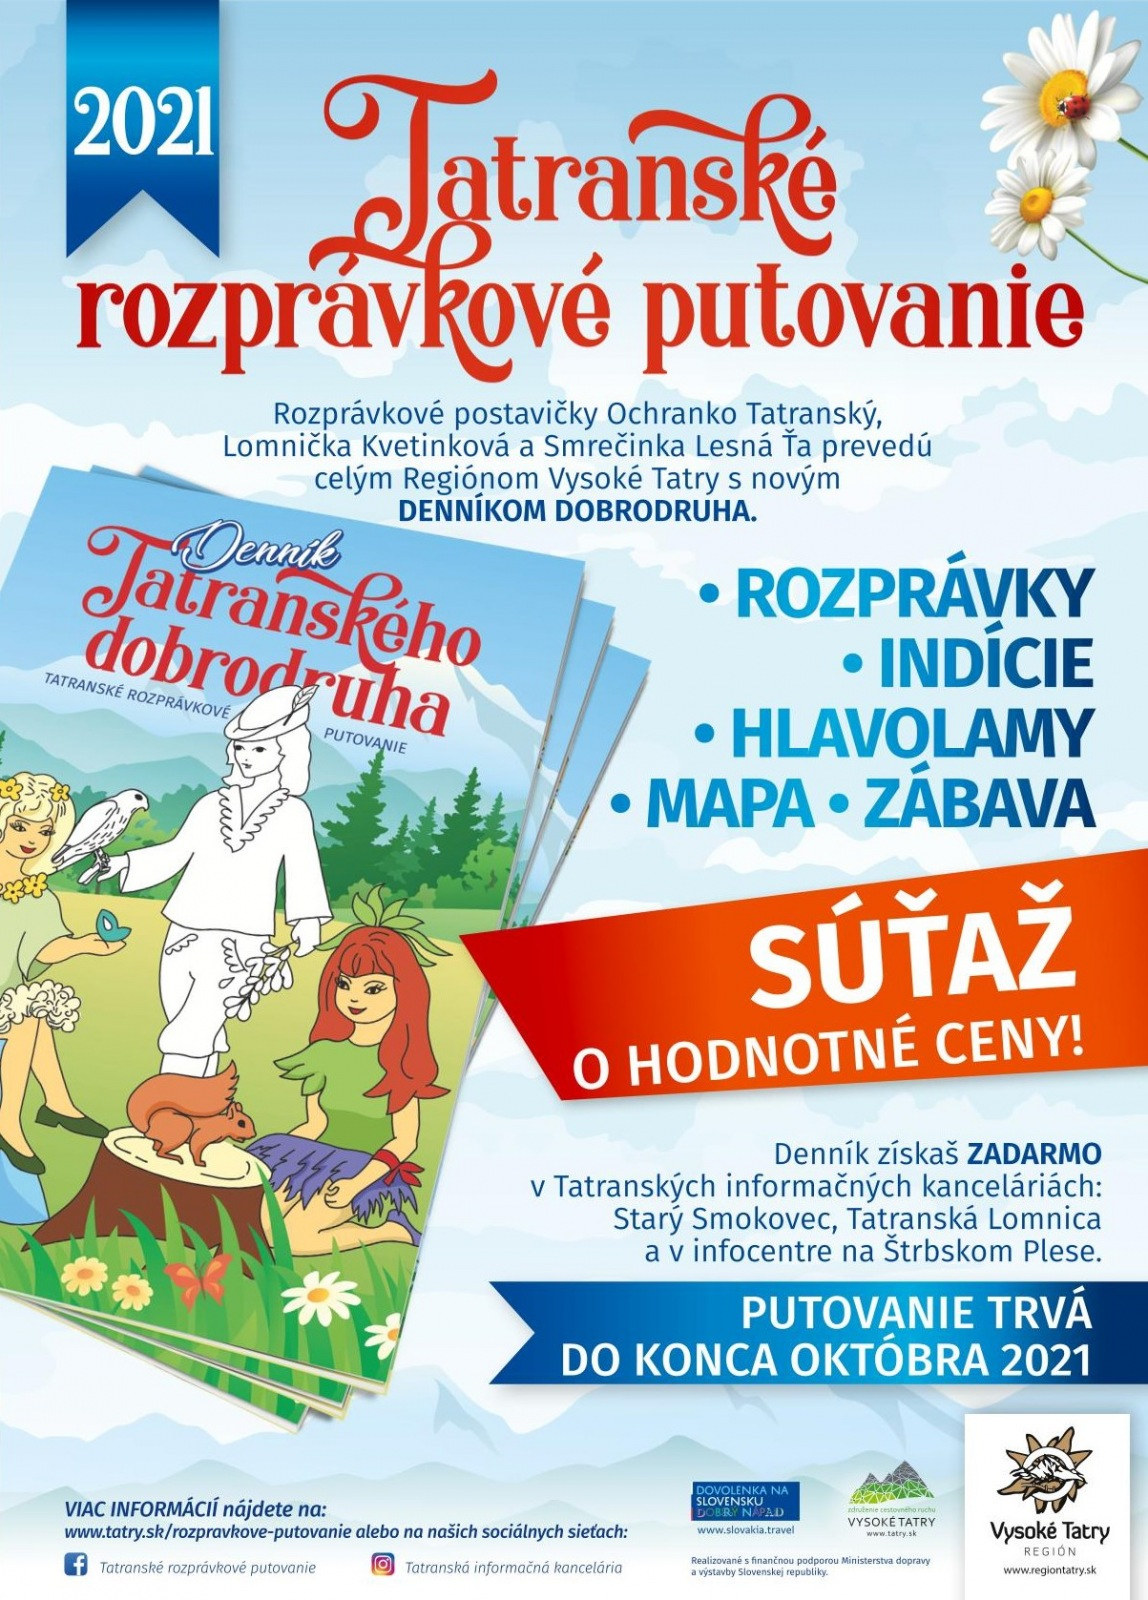 Tatranské rozprávkové putovanie 2021